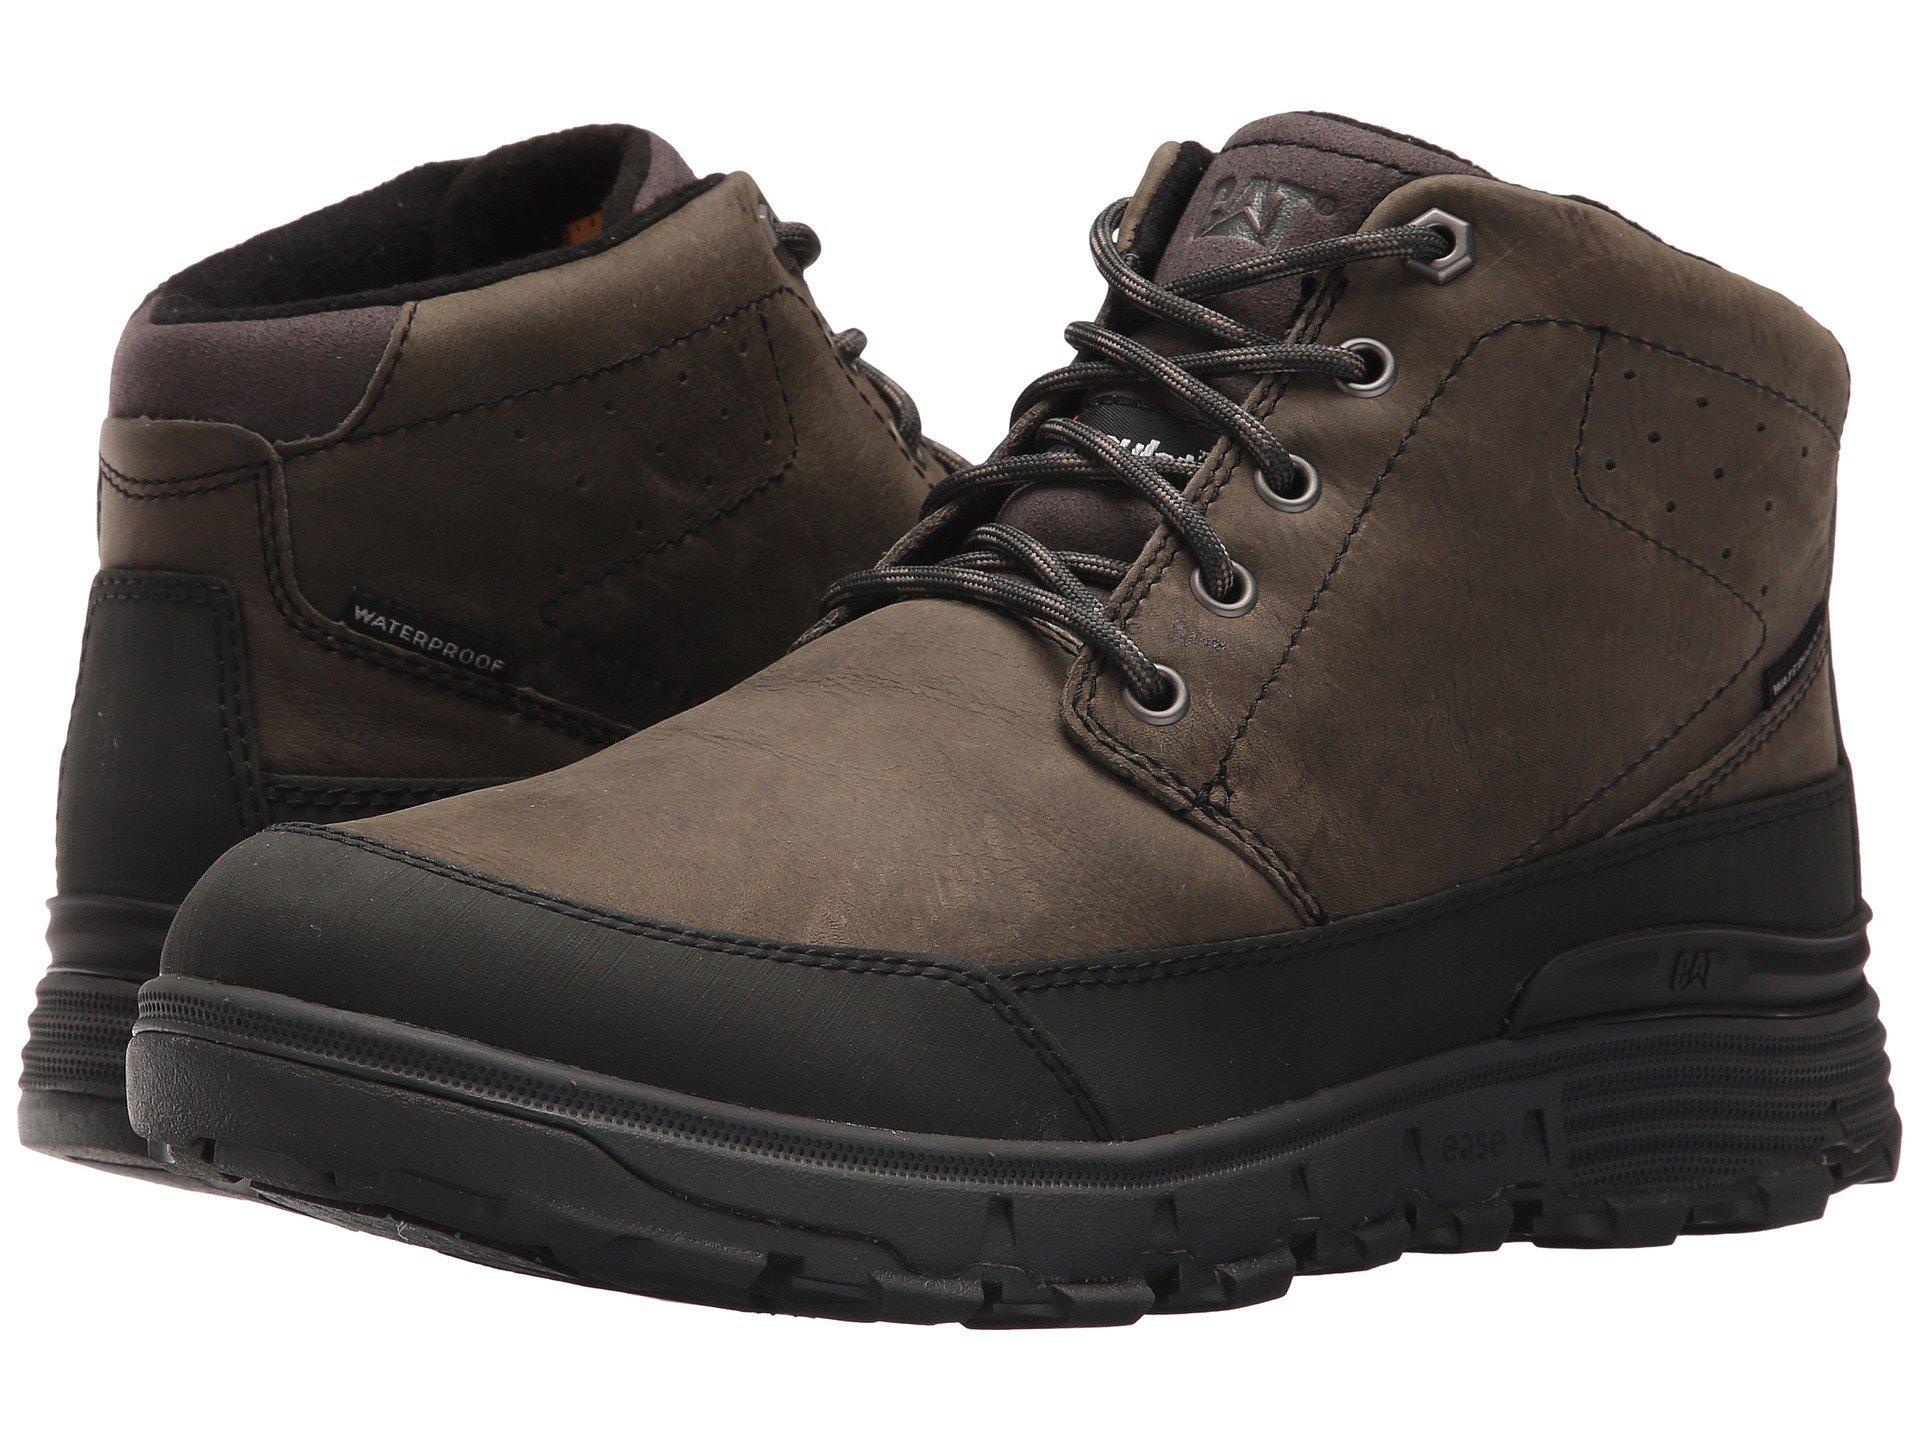 c2c003852 Lyst - Caterpillar Drover Ice + Waterproof Tx (black) Men s Boots in ...